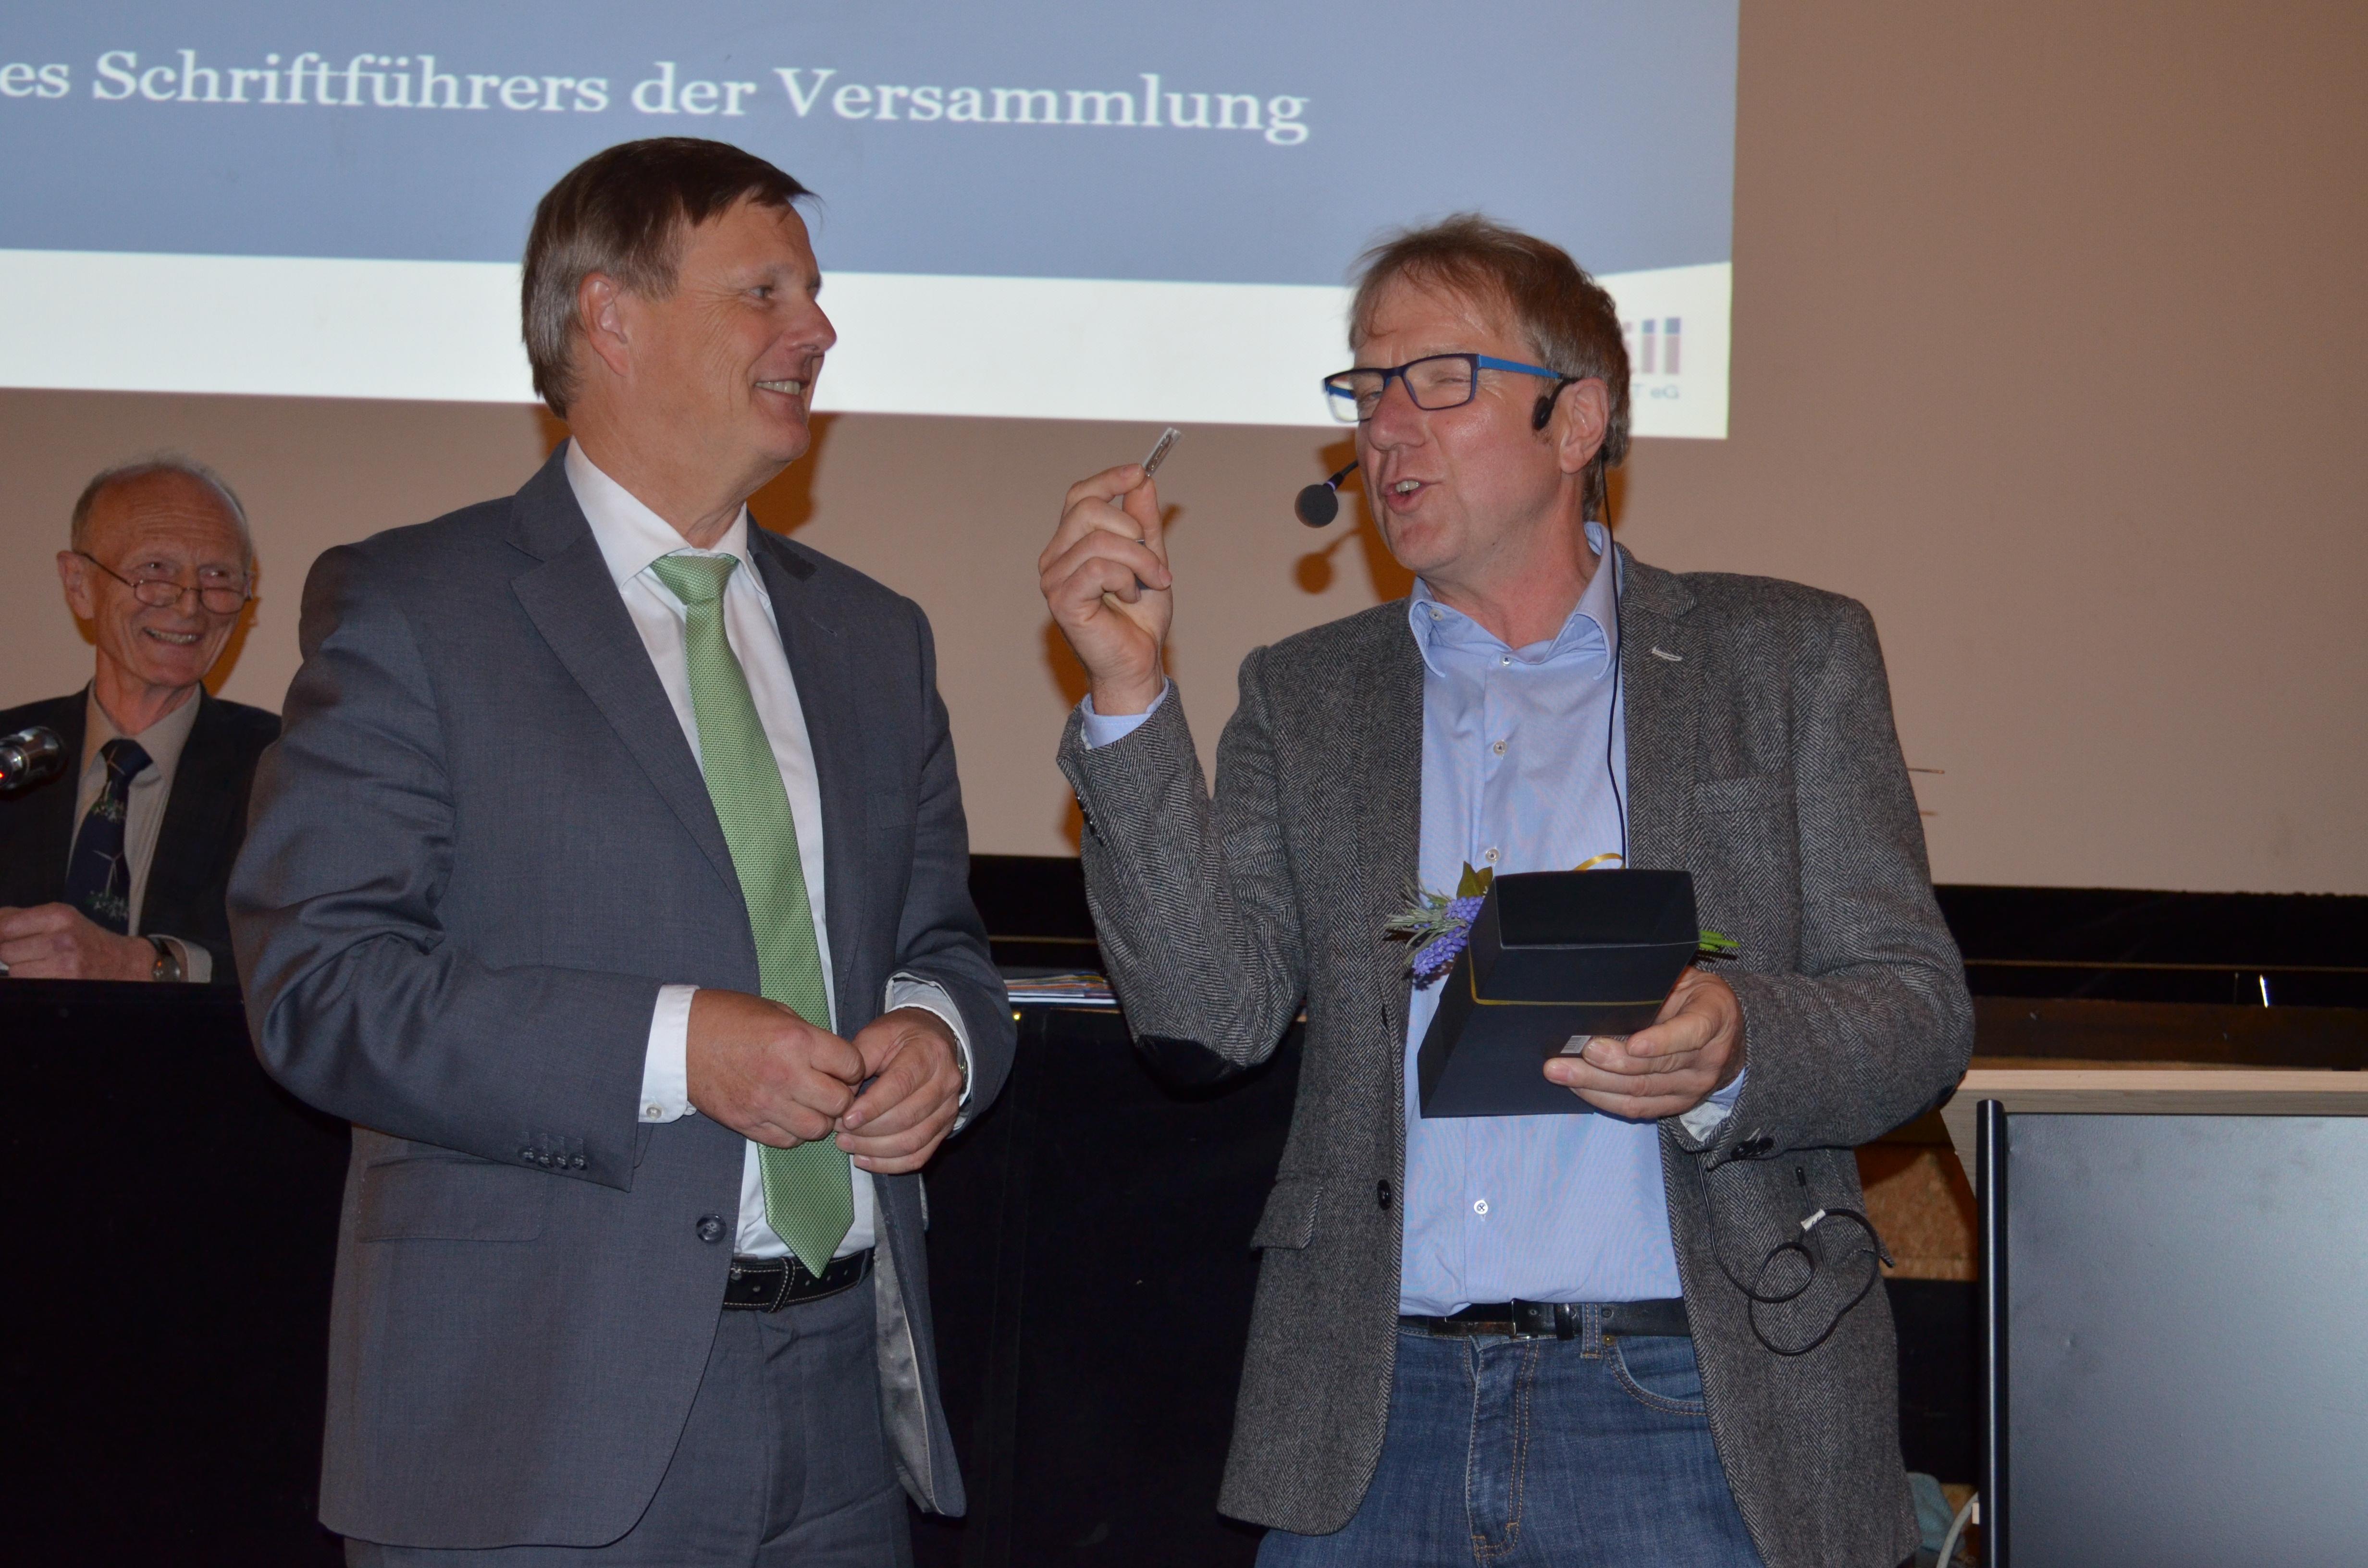 ursprünglich für Ministerin Lemke gedacht bedankte sich peter Müller im Namen der Maxwäll-Energie für den Besuch und schenkte Dr. Kleemann als Gedächtnisstütze eine Schreibtischwindrat